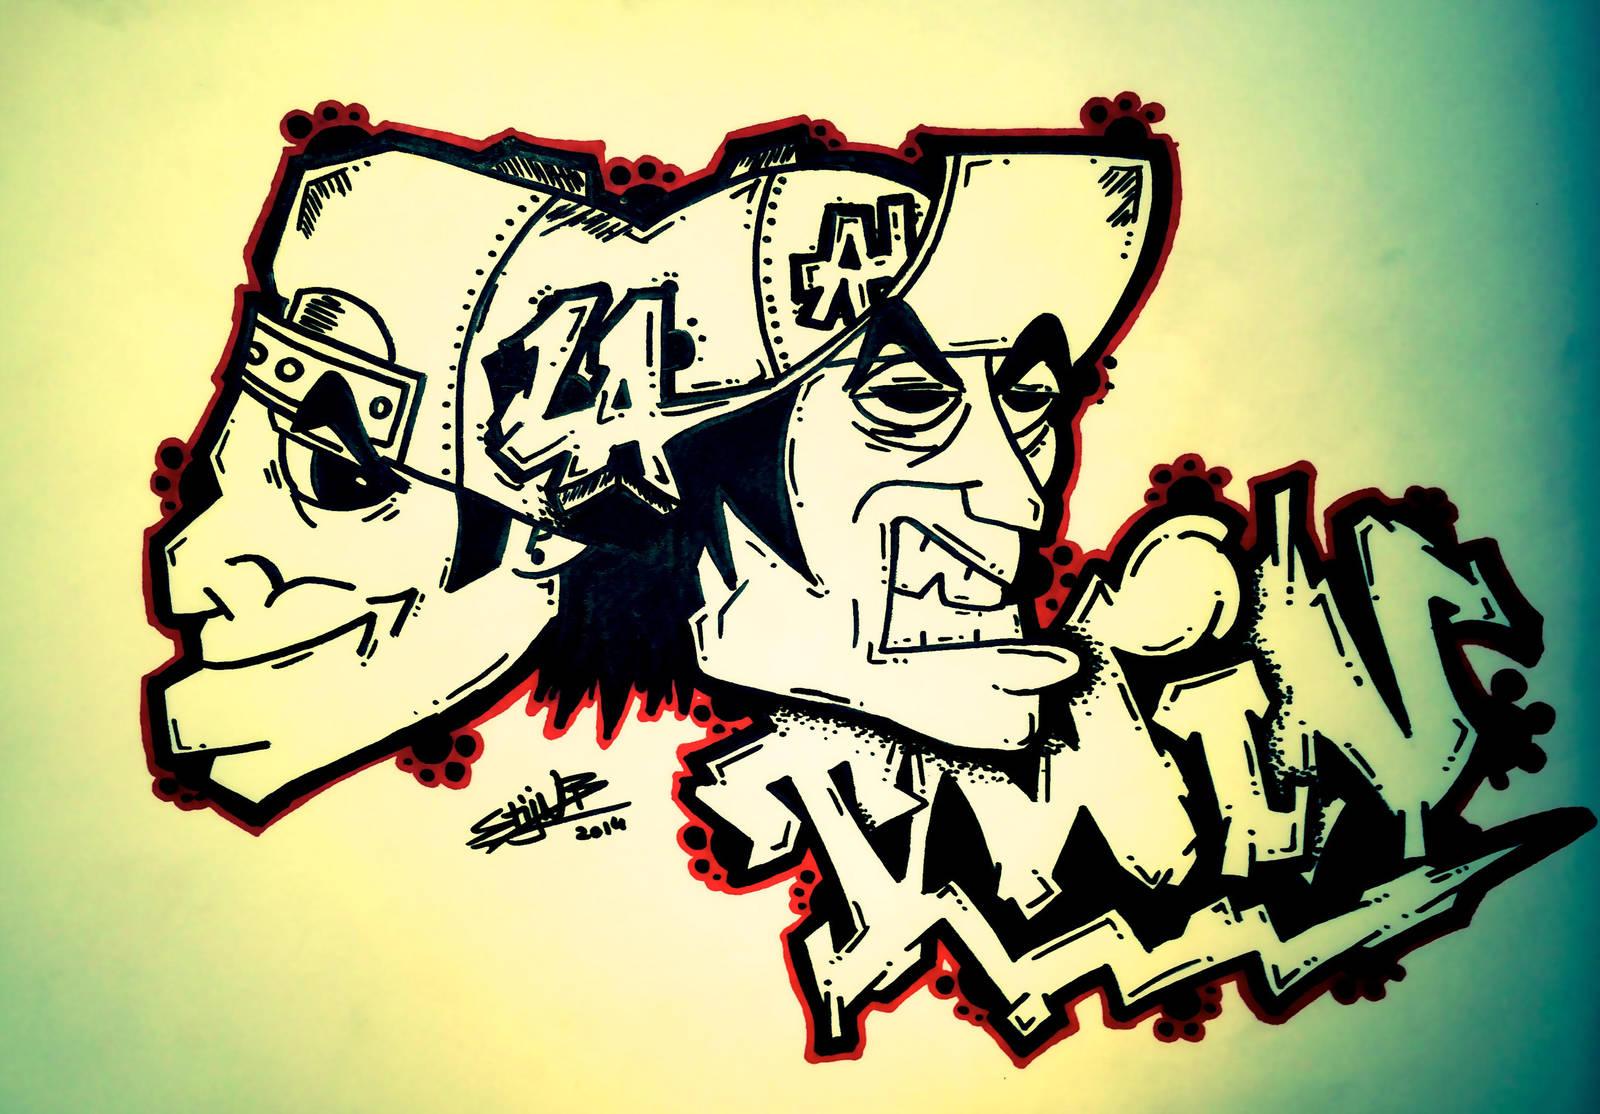 Twin Graffiti Style by Stijn B by StijnBes